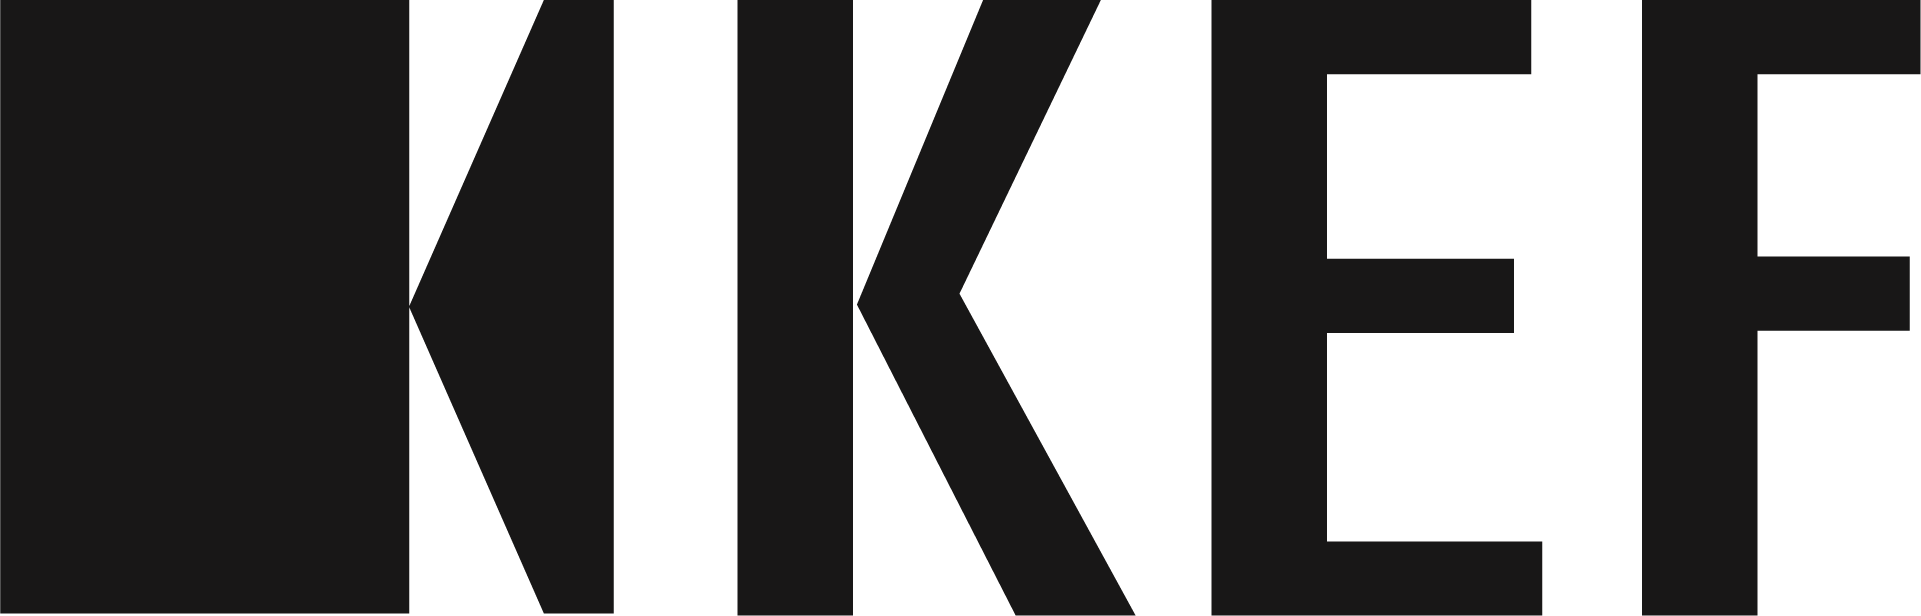 KEF promo code